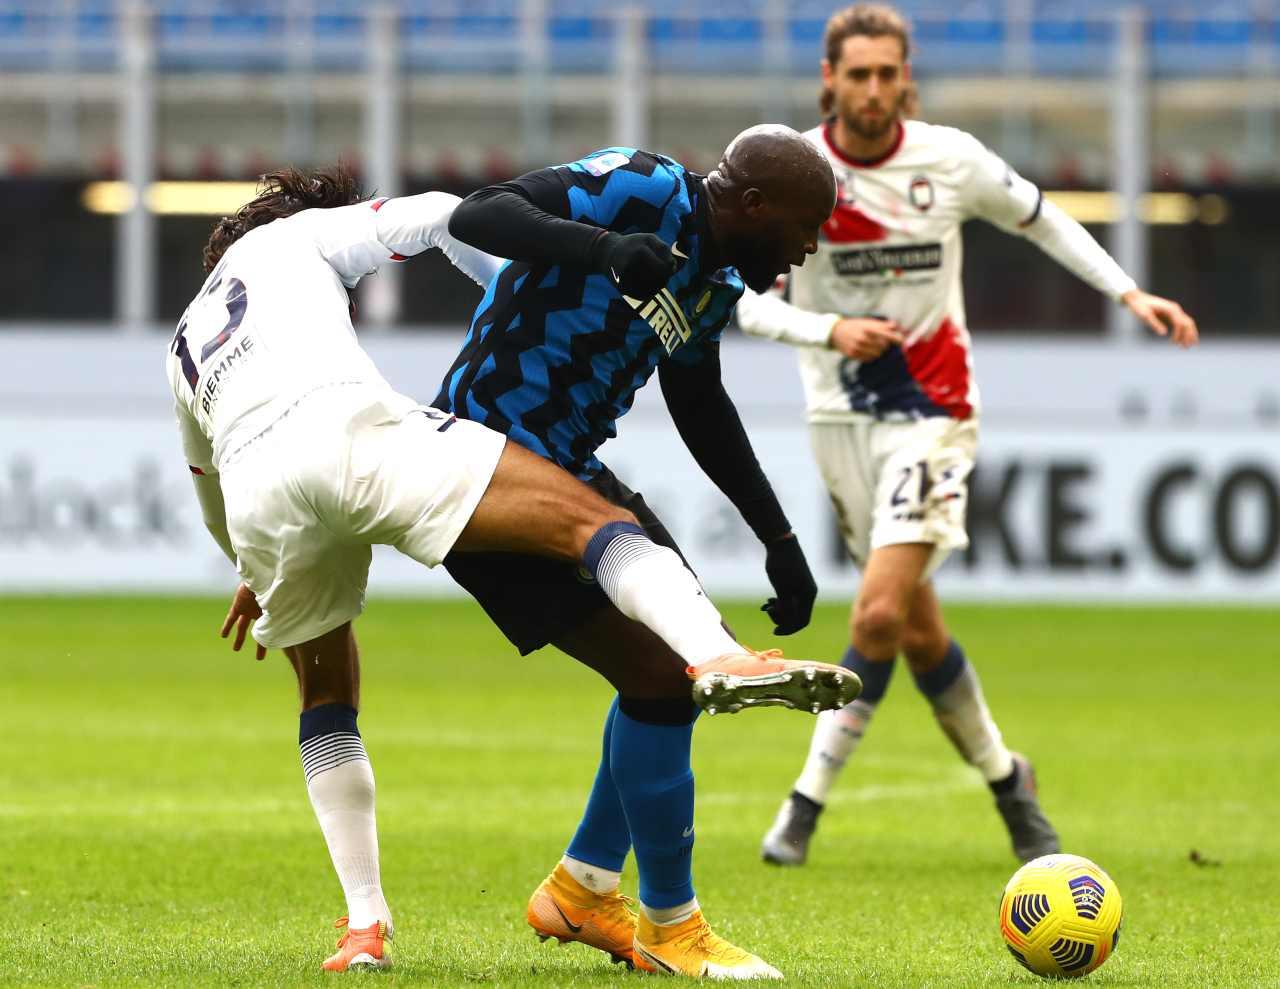 Calciomercato Inter, problema Suning: Lukaku può partire | Il sostituto